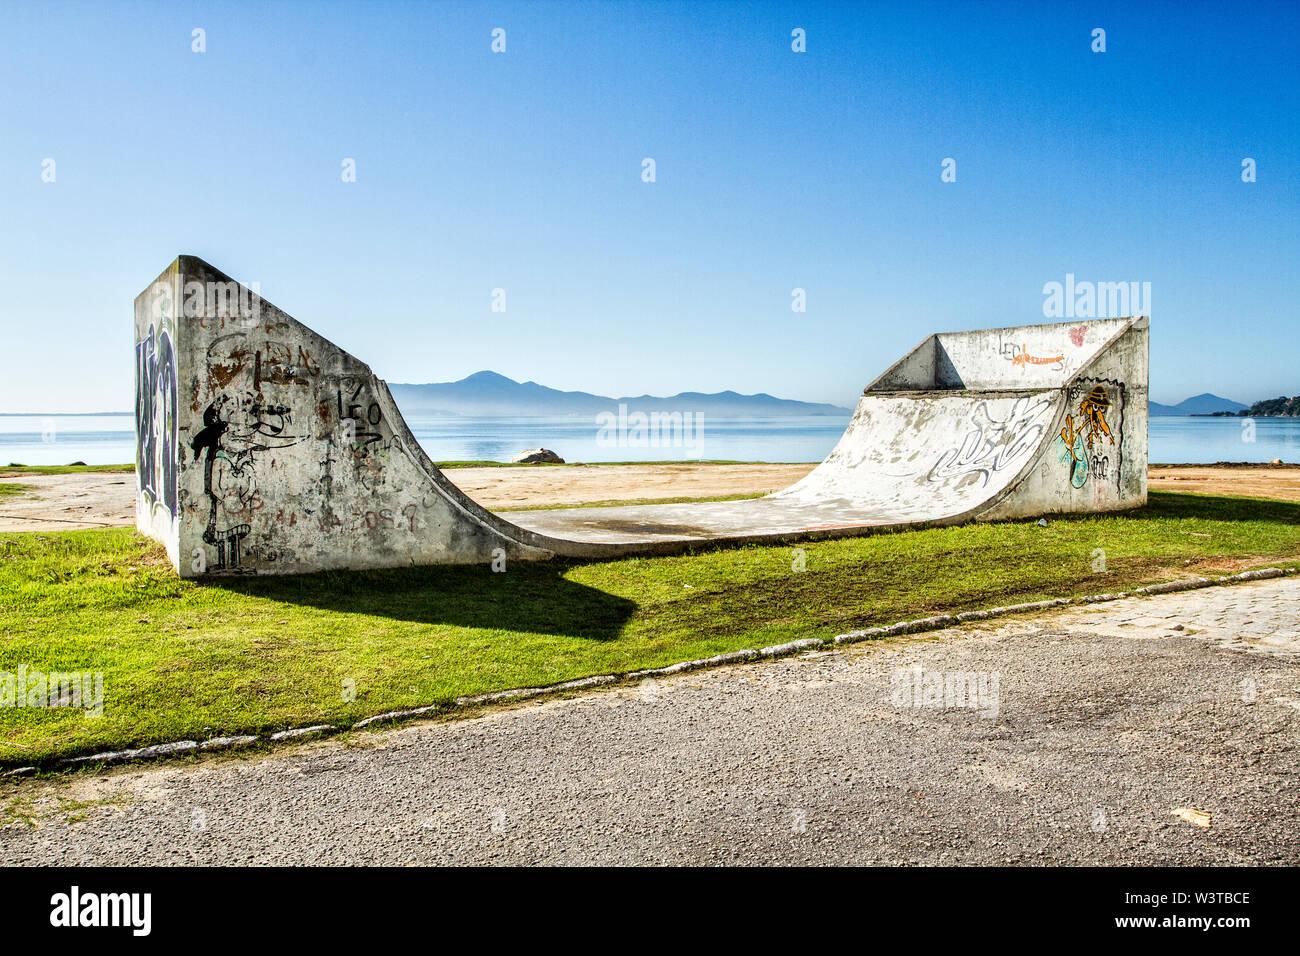 São José Santa Catarina fonte: c8.alamy.com